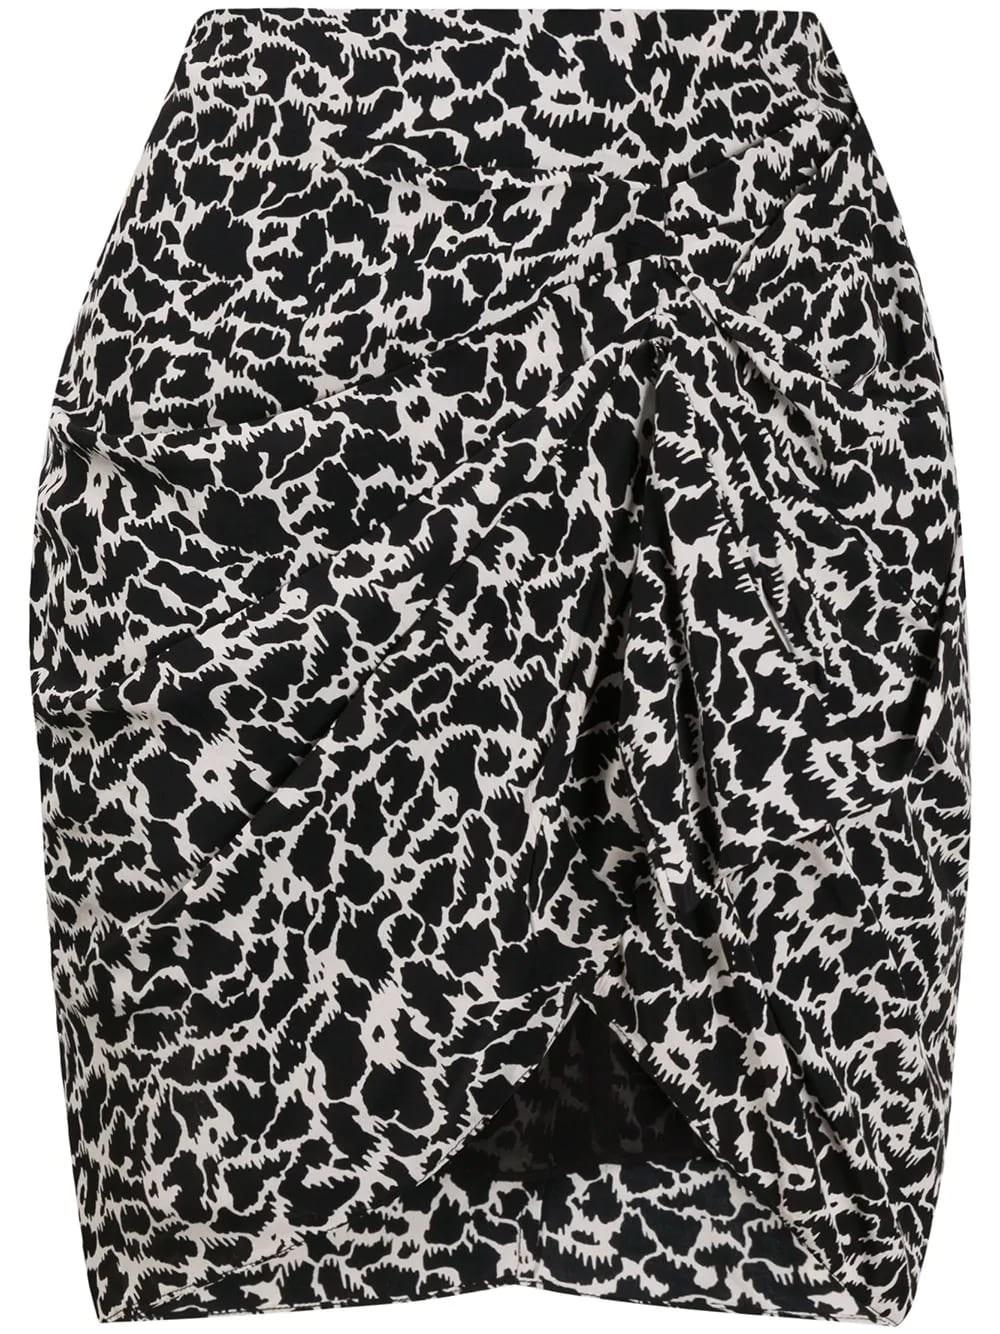 ISABEL MARANT ETOILE Draped Mini Skirt